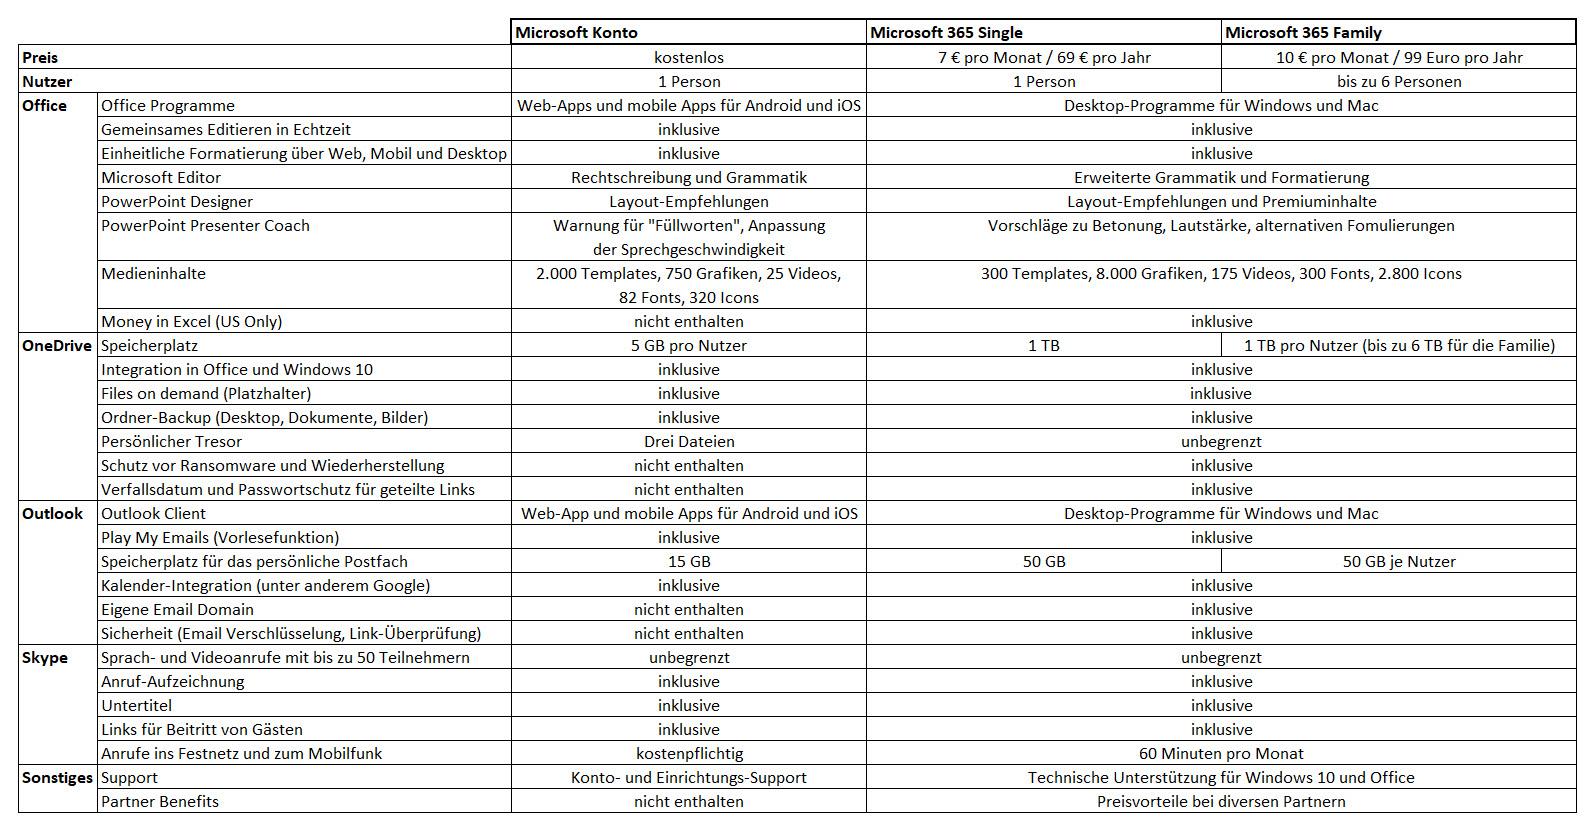 Tabelle: Vergleich der Leistungen von privatem Microsoft Konto und Microsoft 365 Abonnement